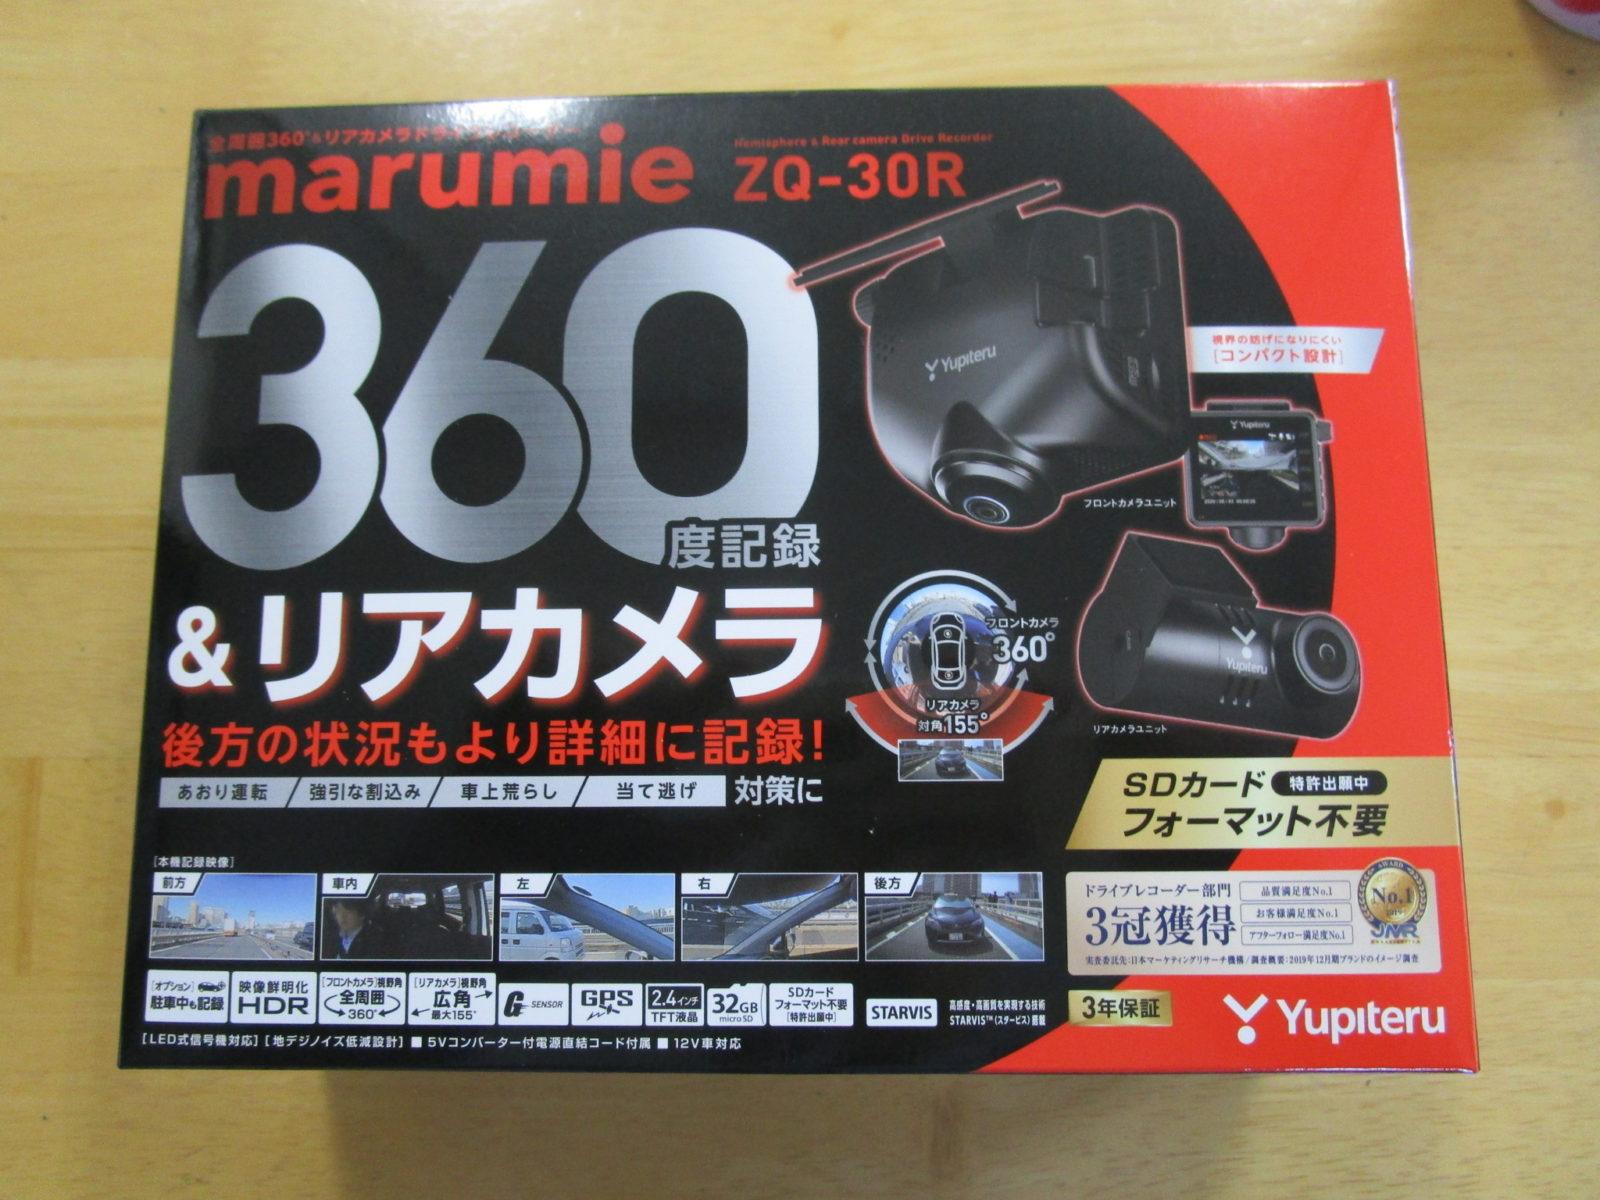 360°+リヤカメラまで付いてますZQ-30R